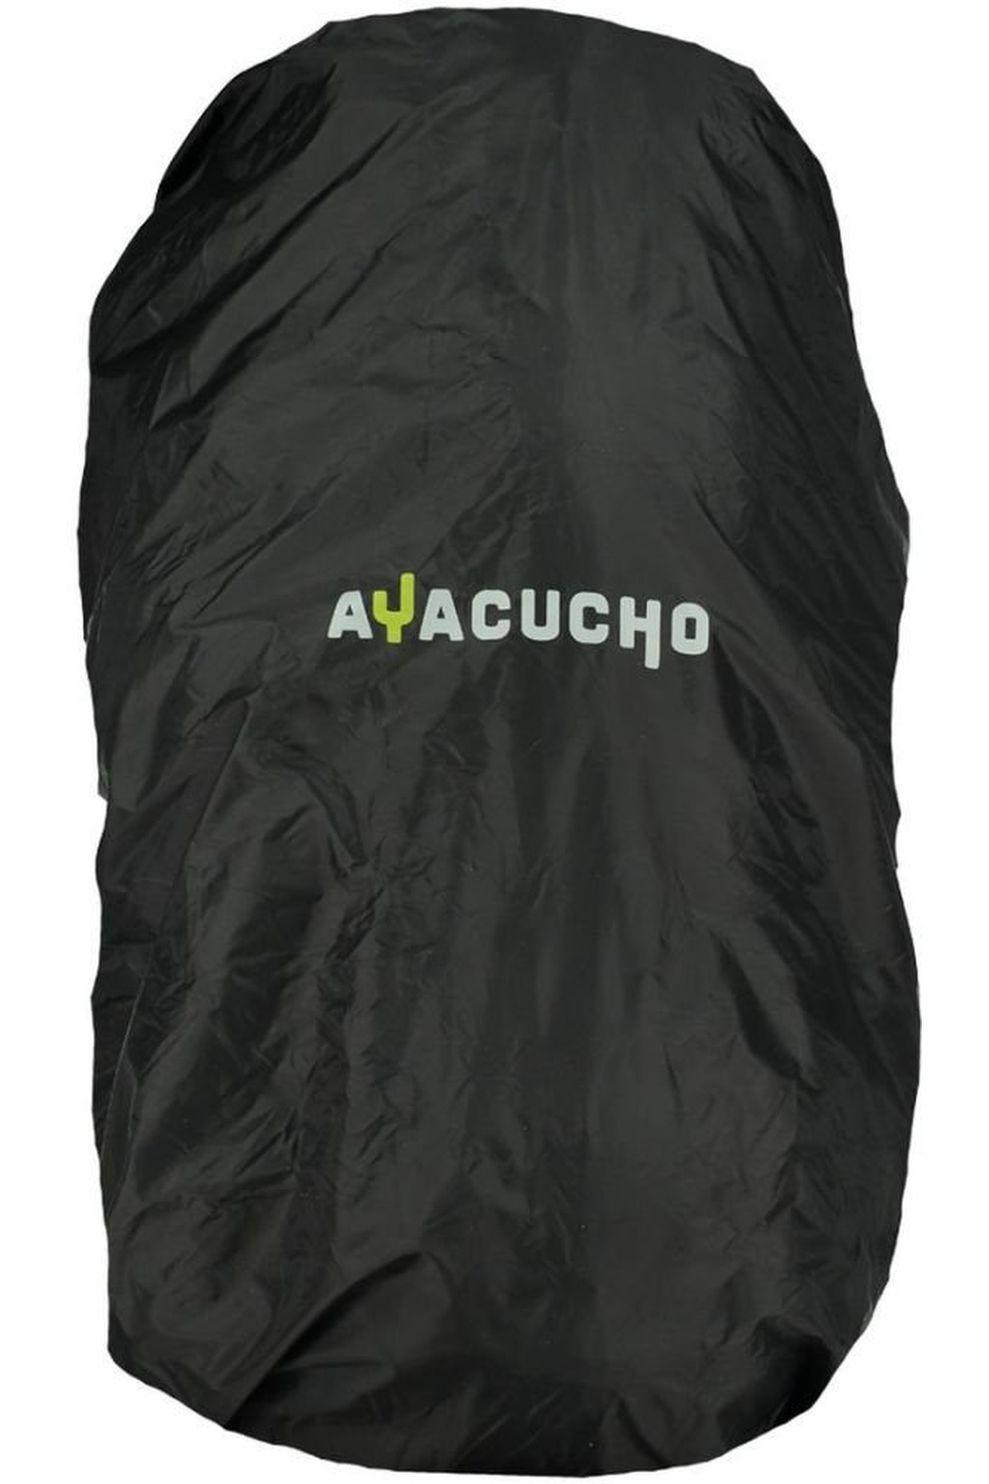 Ayacucho Regenhoes 55 - 80 L - Zwart